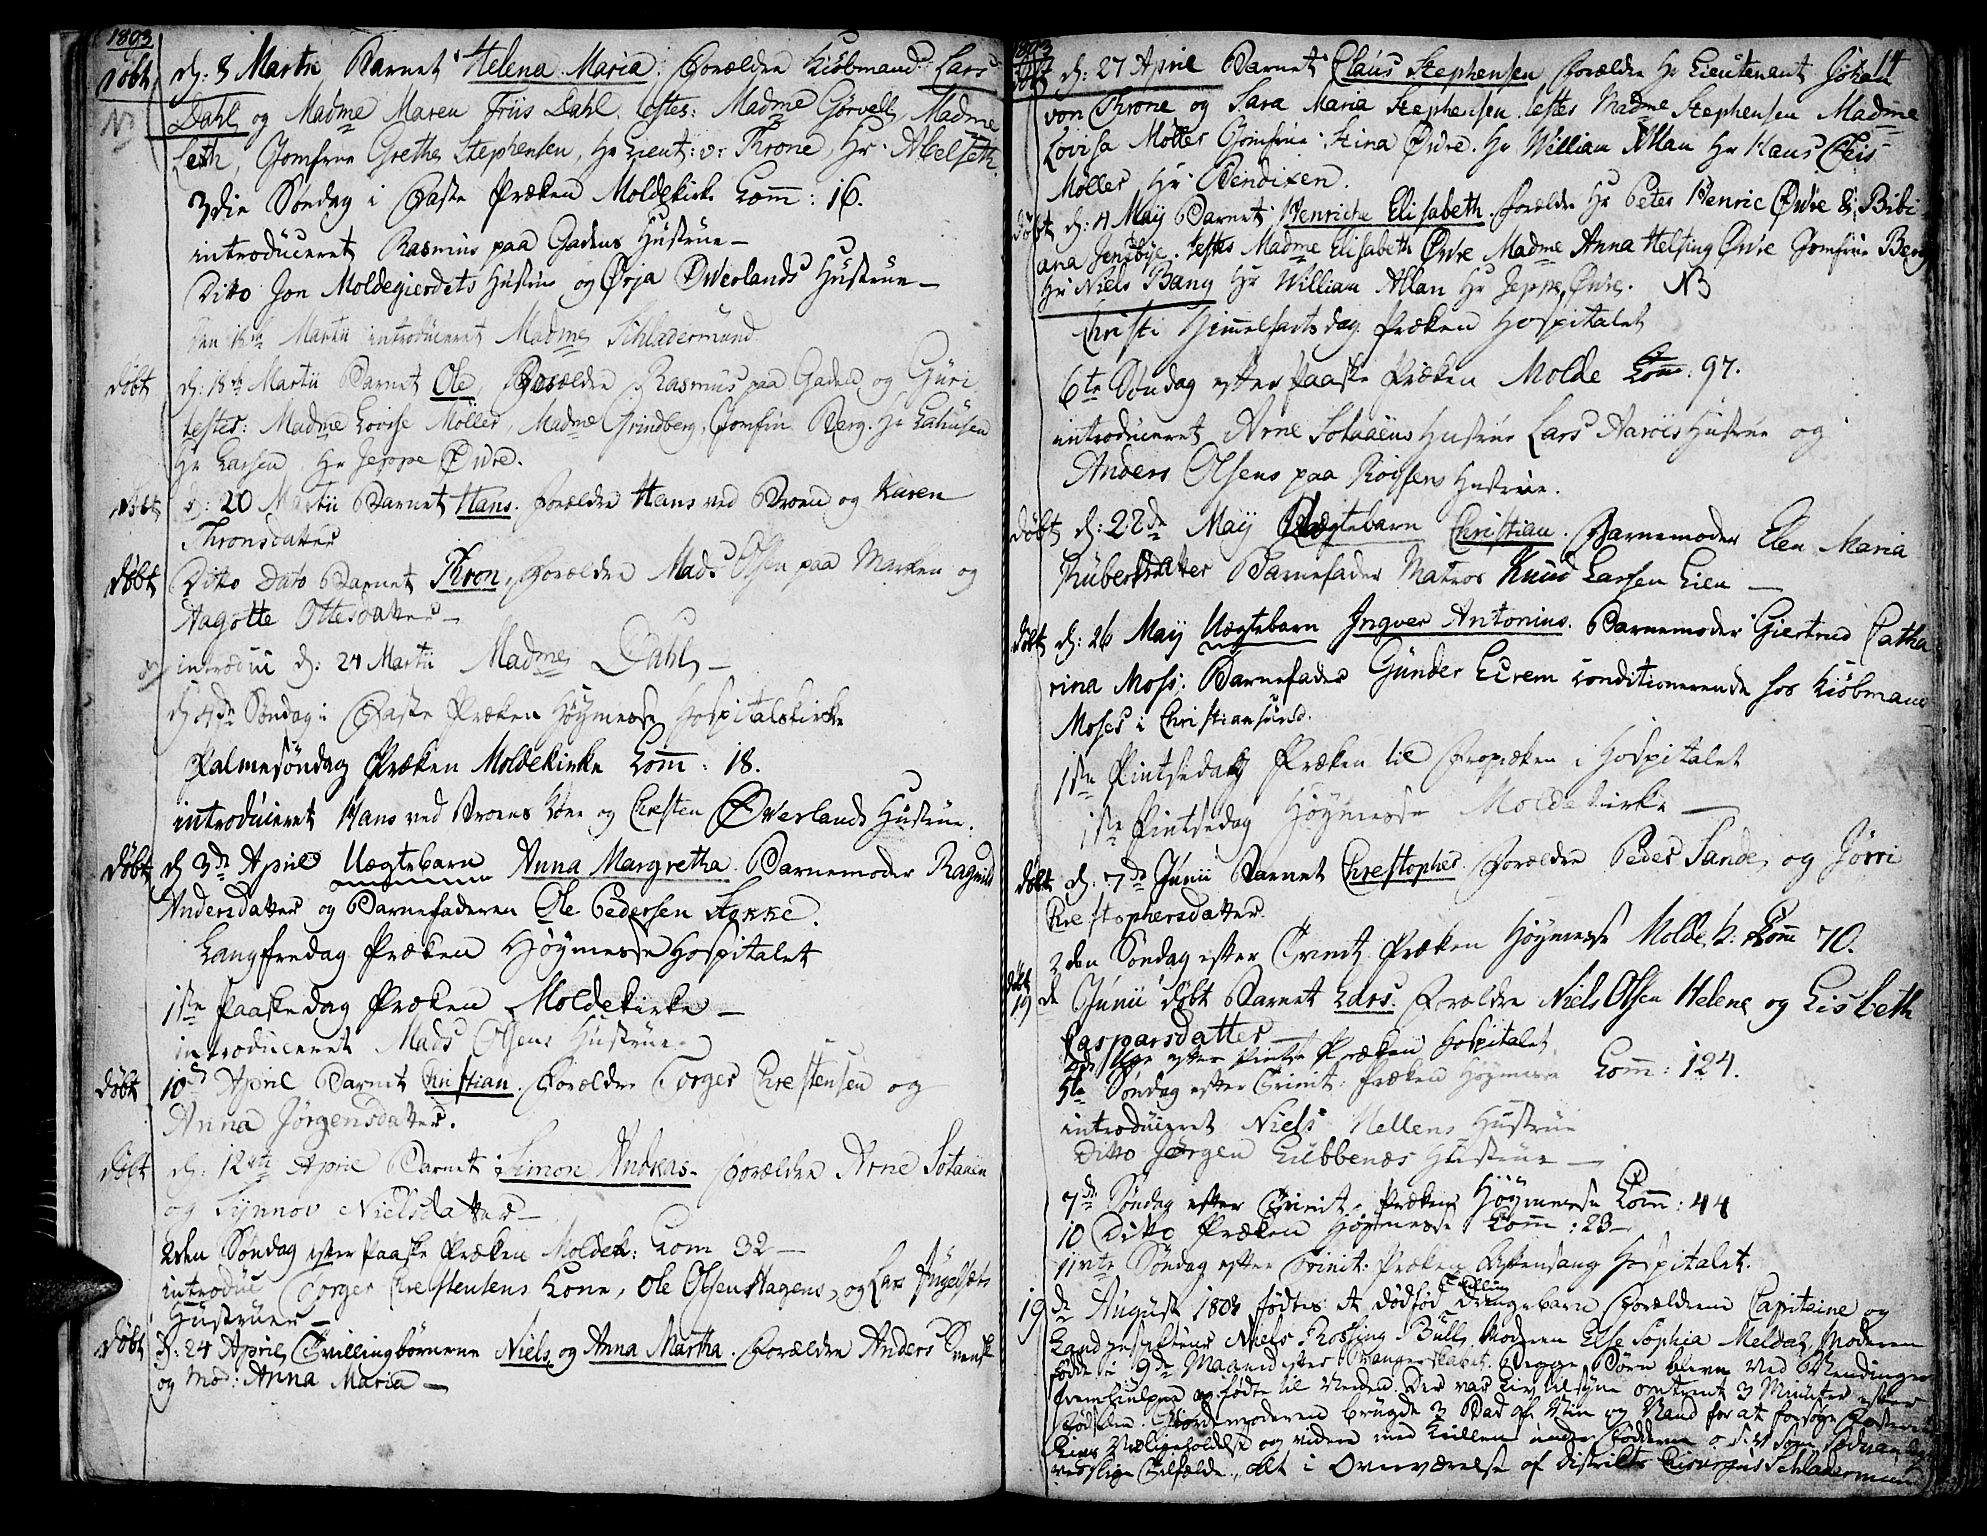 SAT, Ministerialprotokoller, klokkerbøker og fødselsregistre - Møre og Romsdal, 558/L0687: Parish register (official) no. 558A01, 1798-1818, p. 14